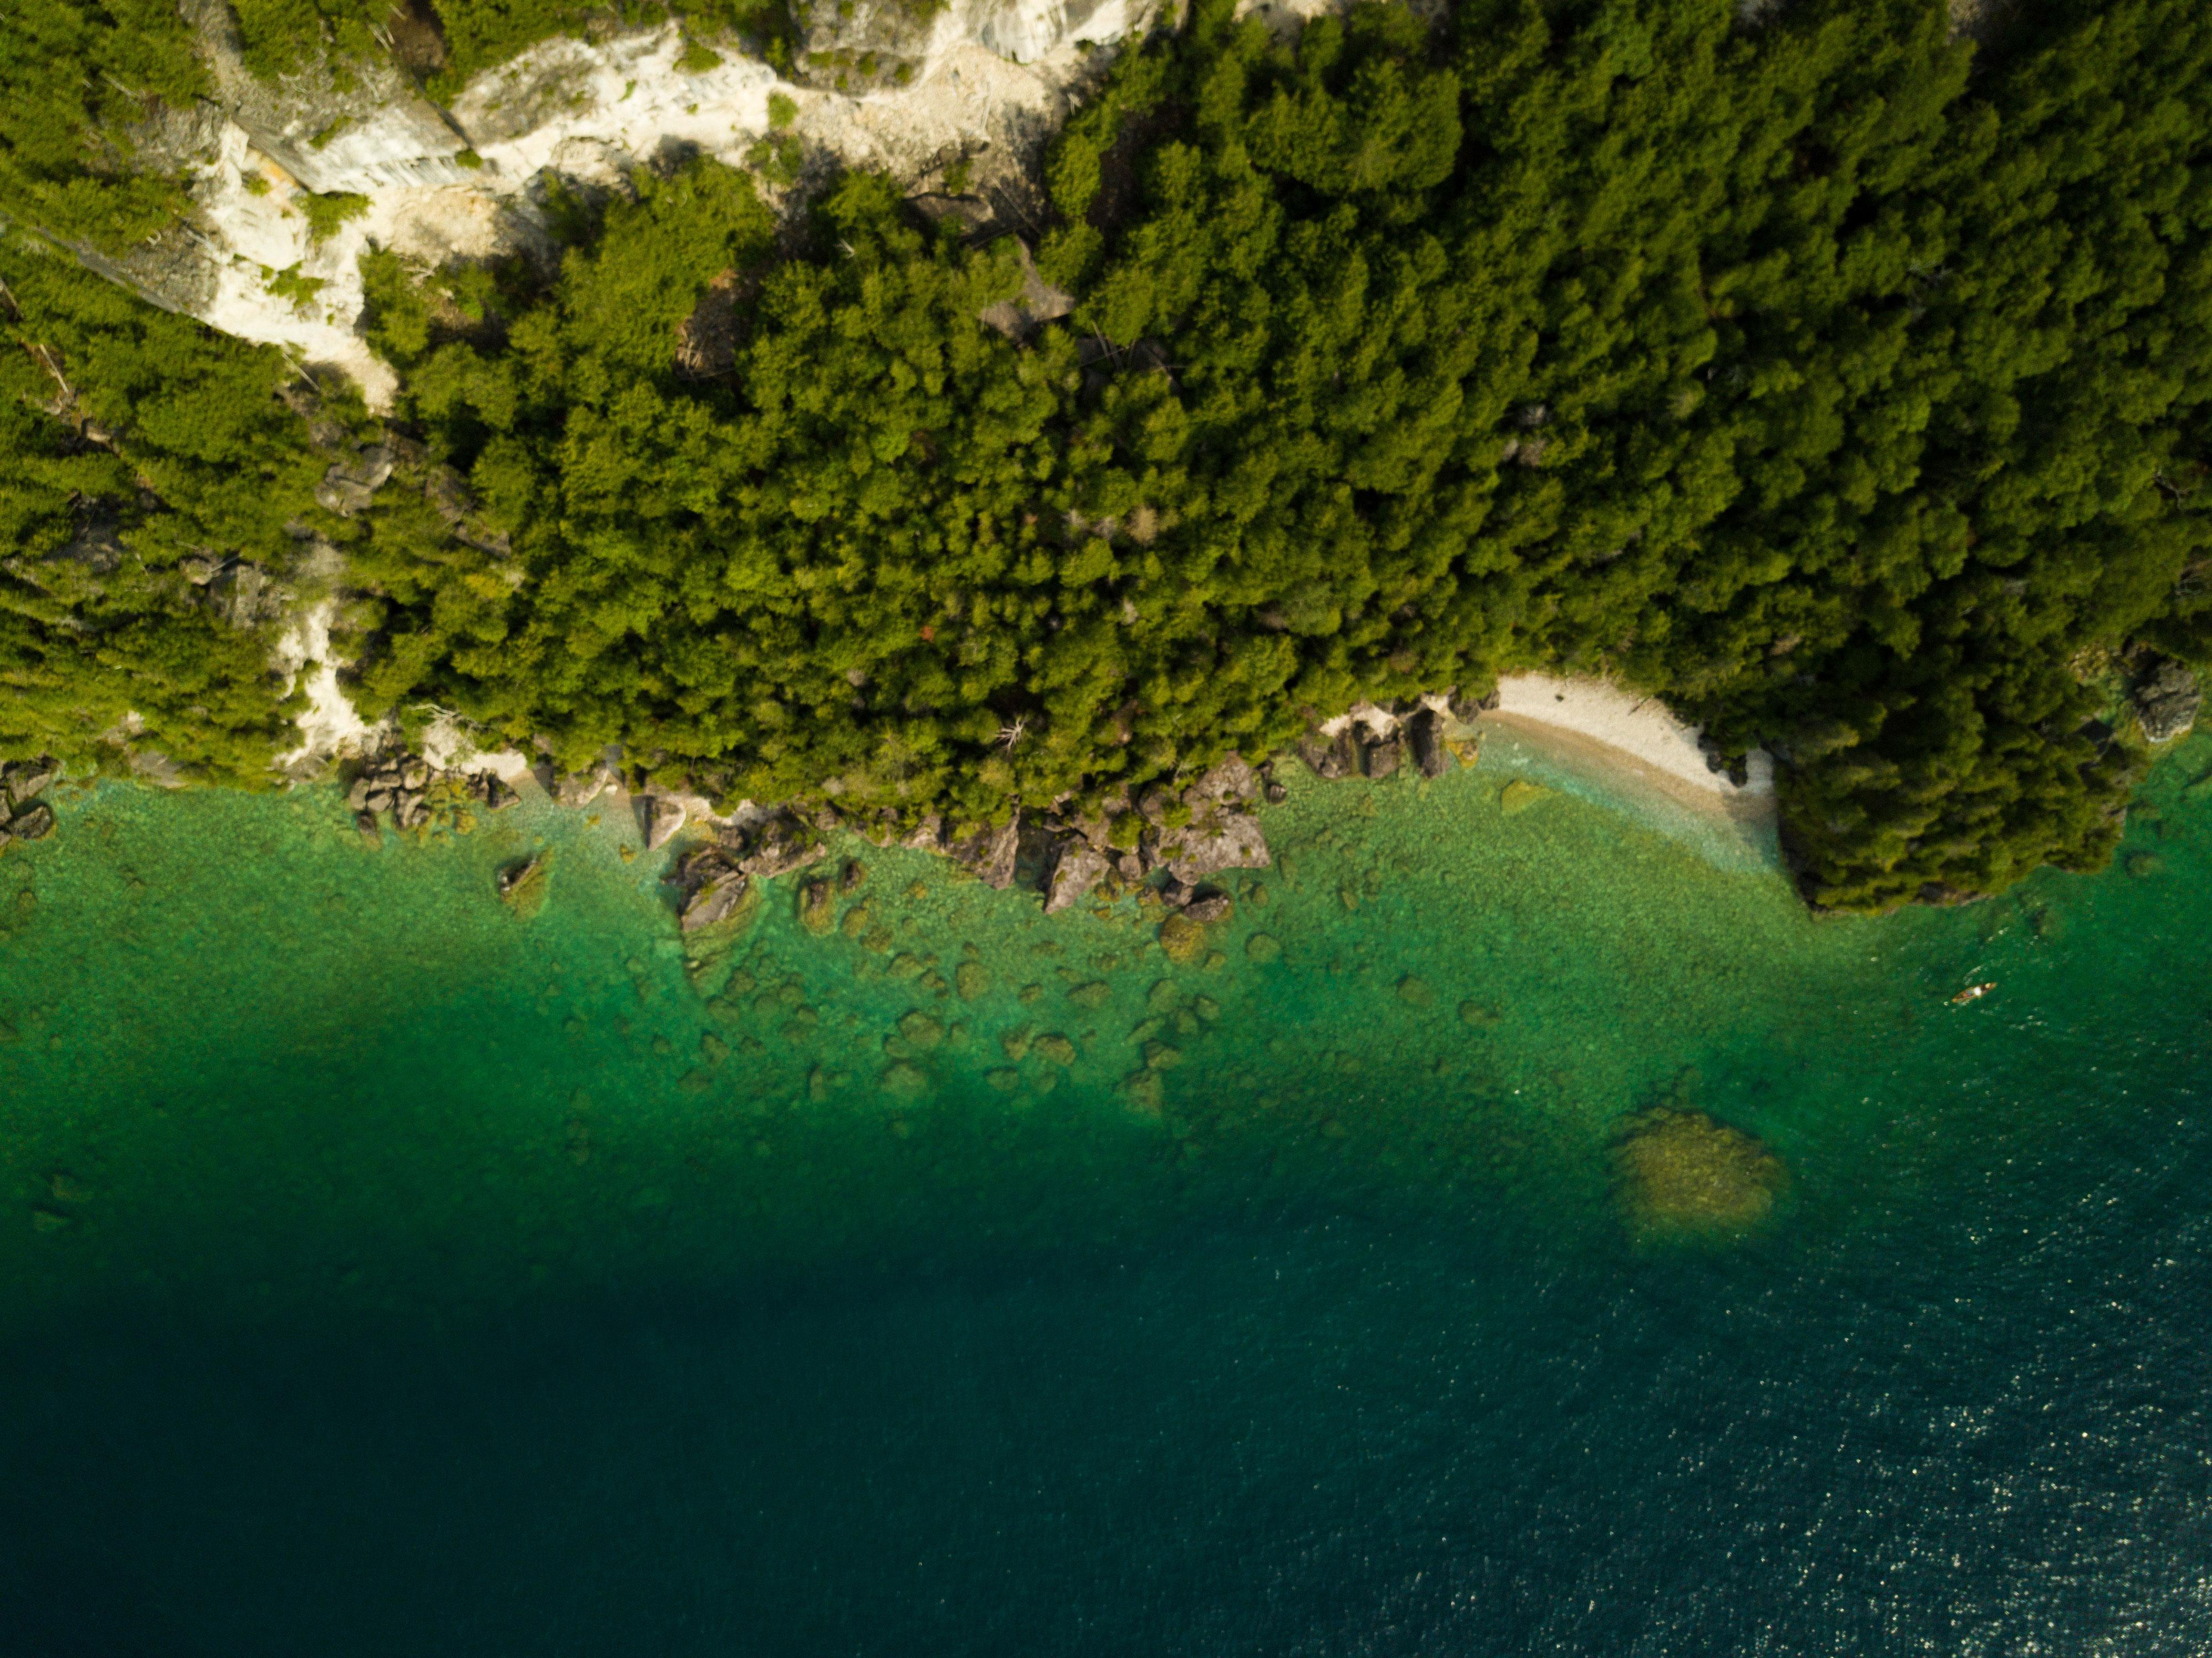 vue drone péninsule de bruce